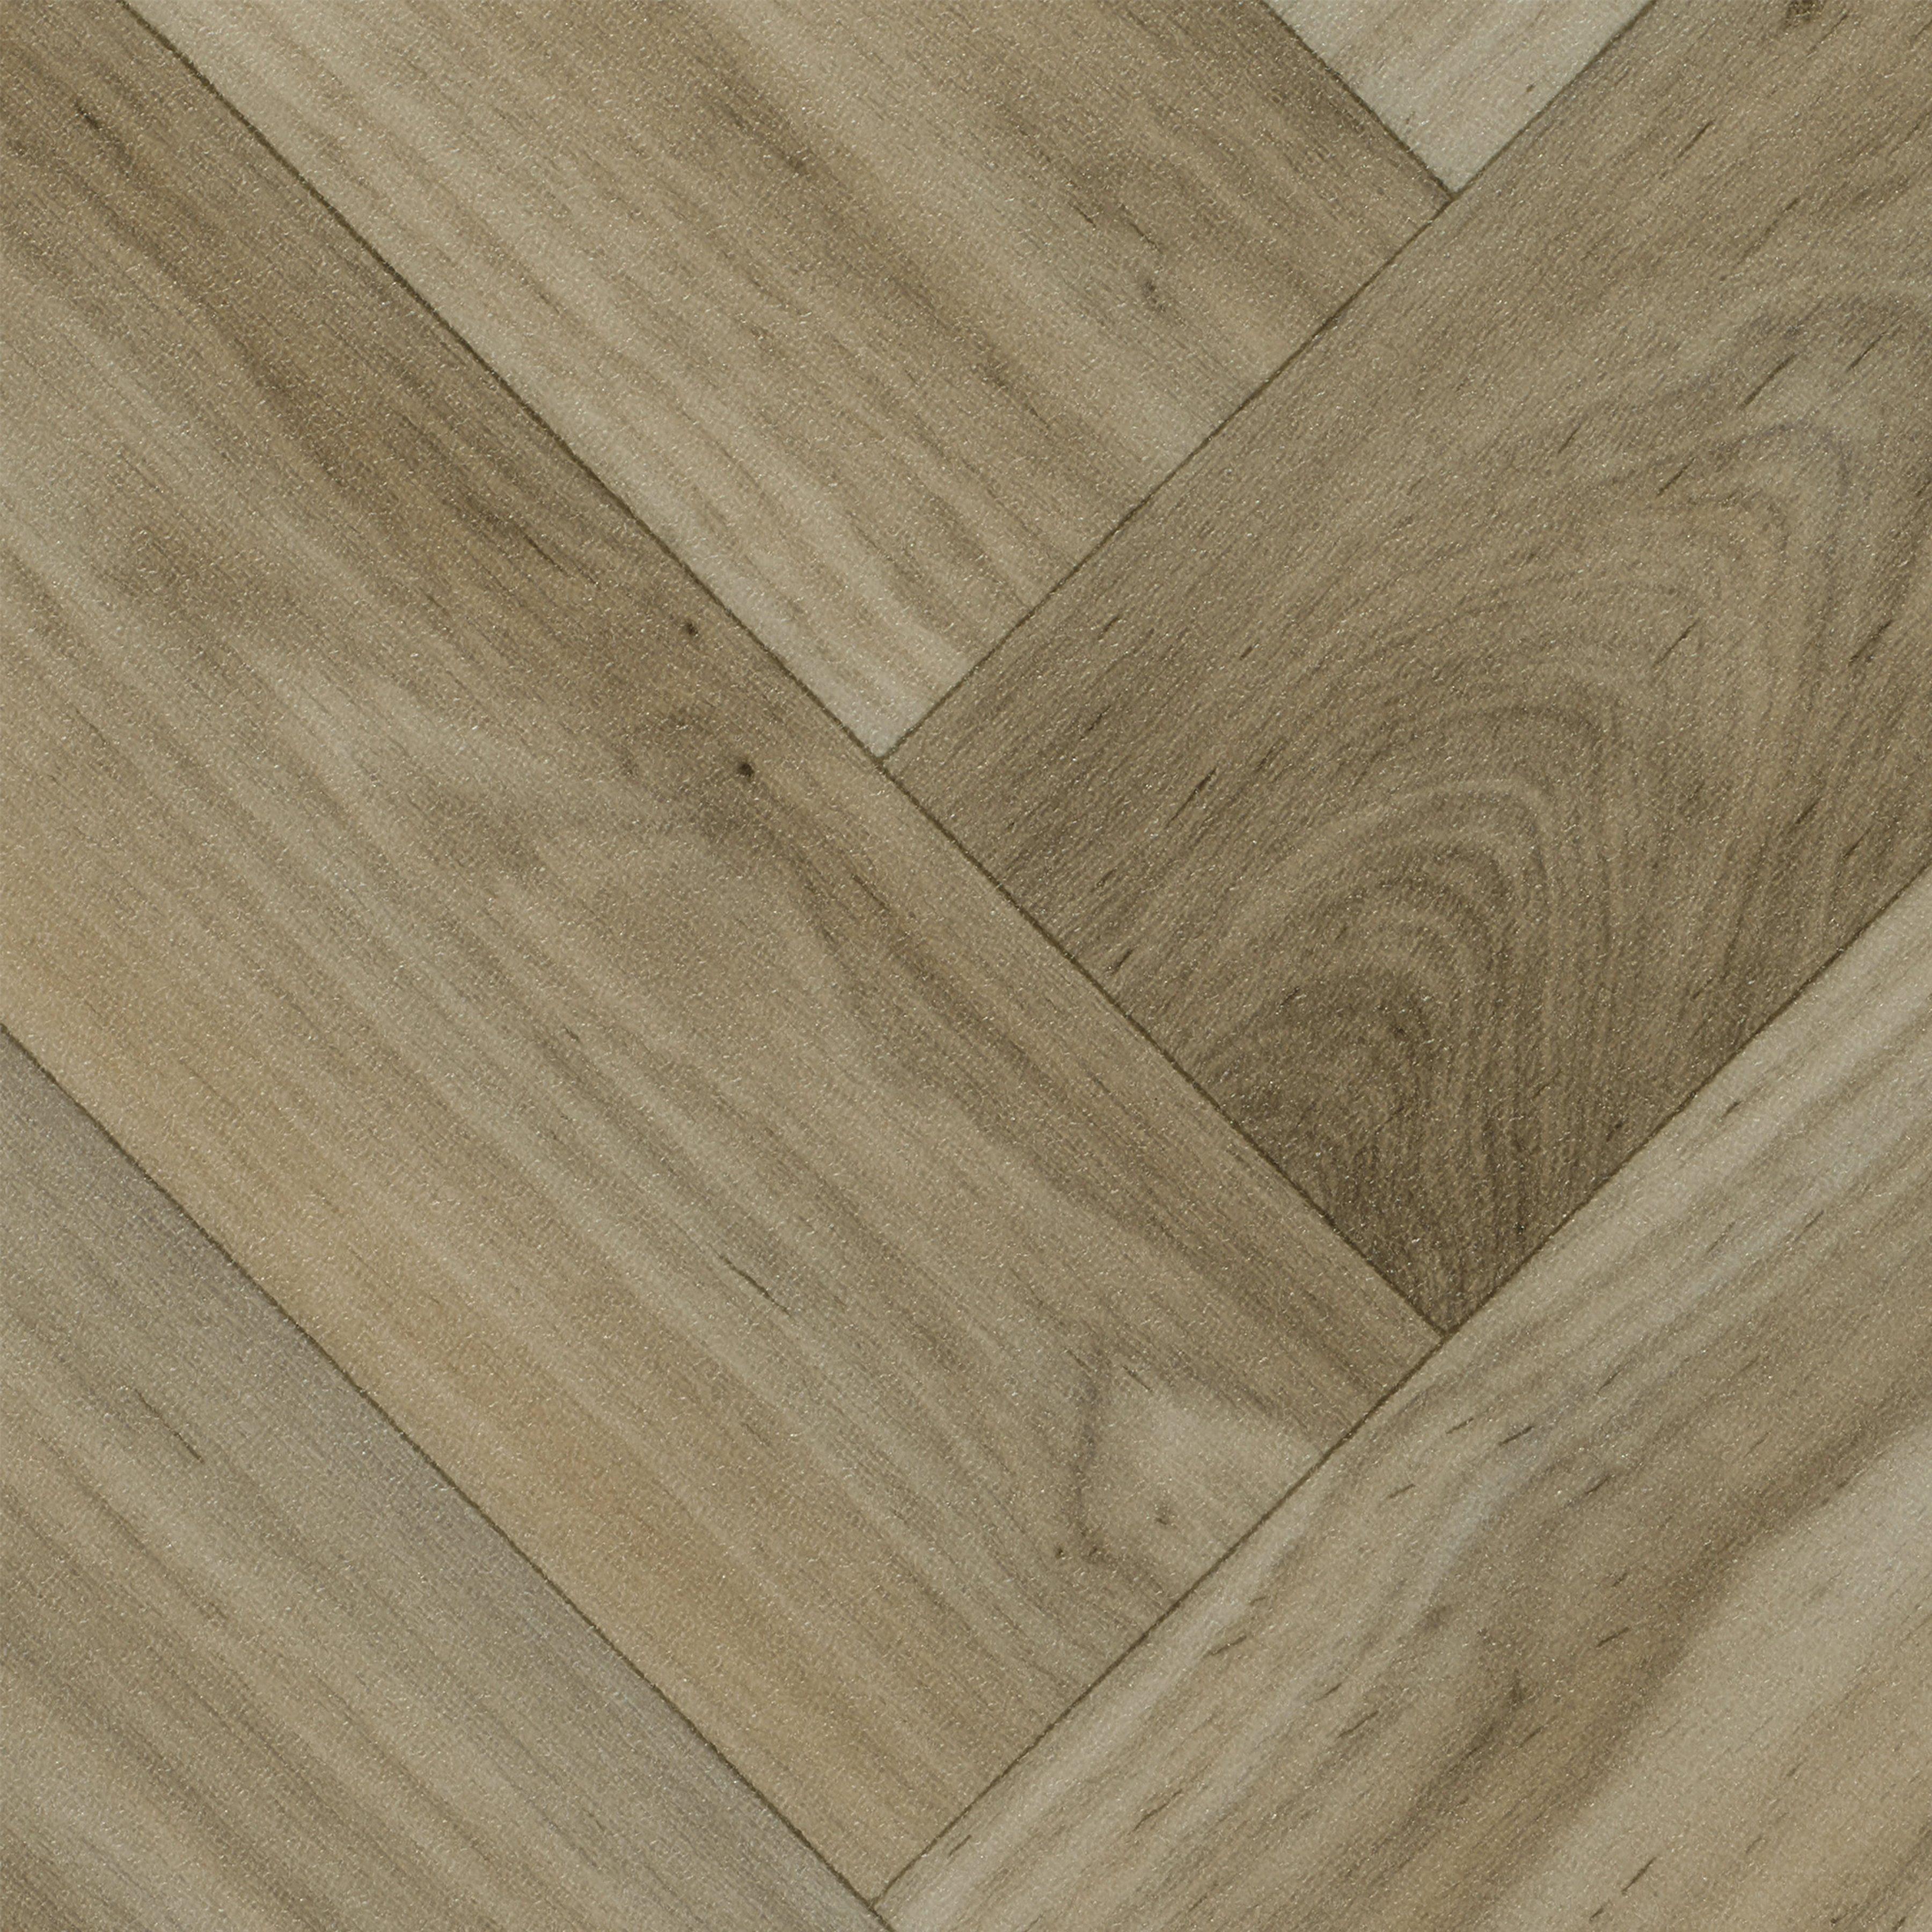 300 und 400 cm Breite 200 verschiedene Gr/ö/ßen PVC Bodenbelag Holzoptik Meterware Gr/ö/ße: 2,5 x 3 m Schiffsboden Buche hell